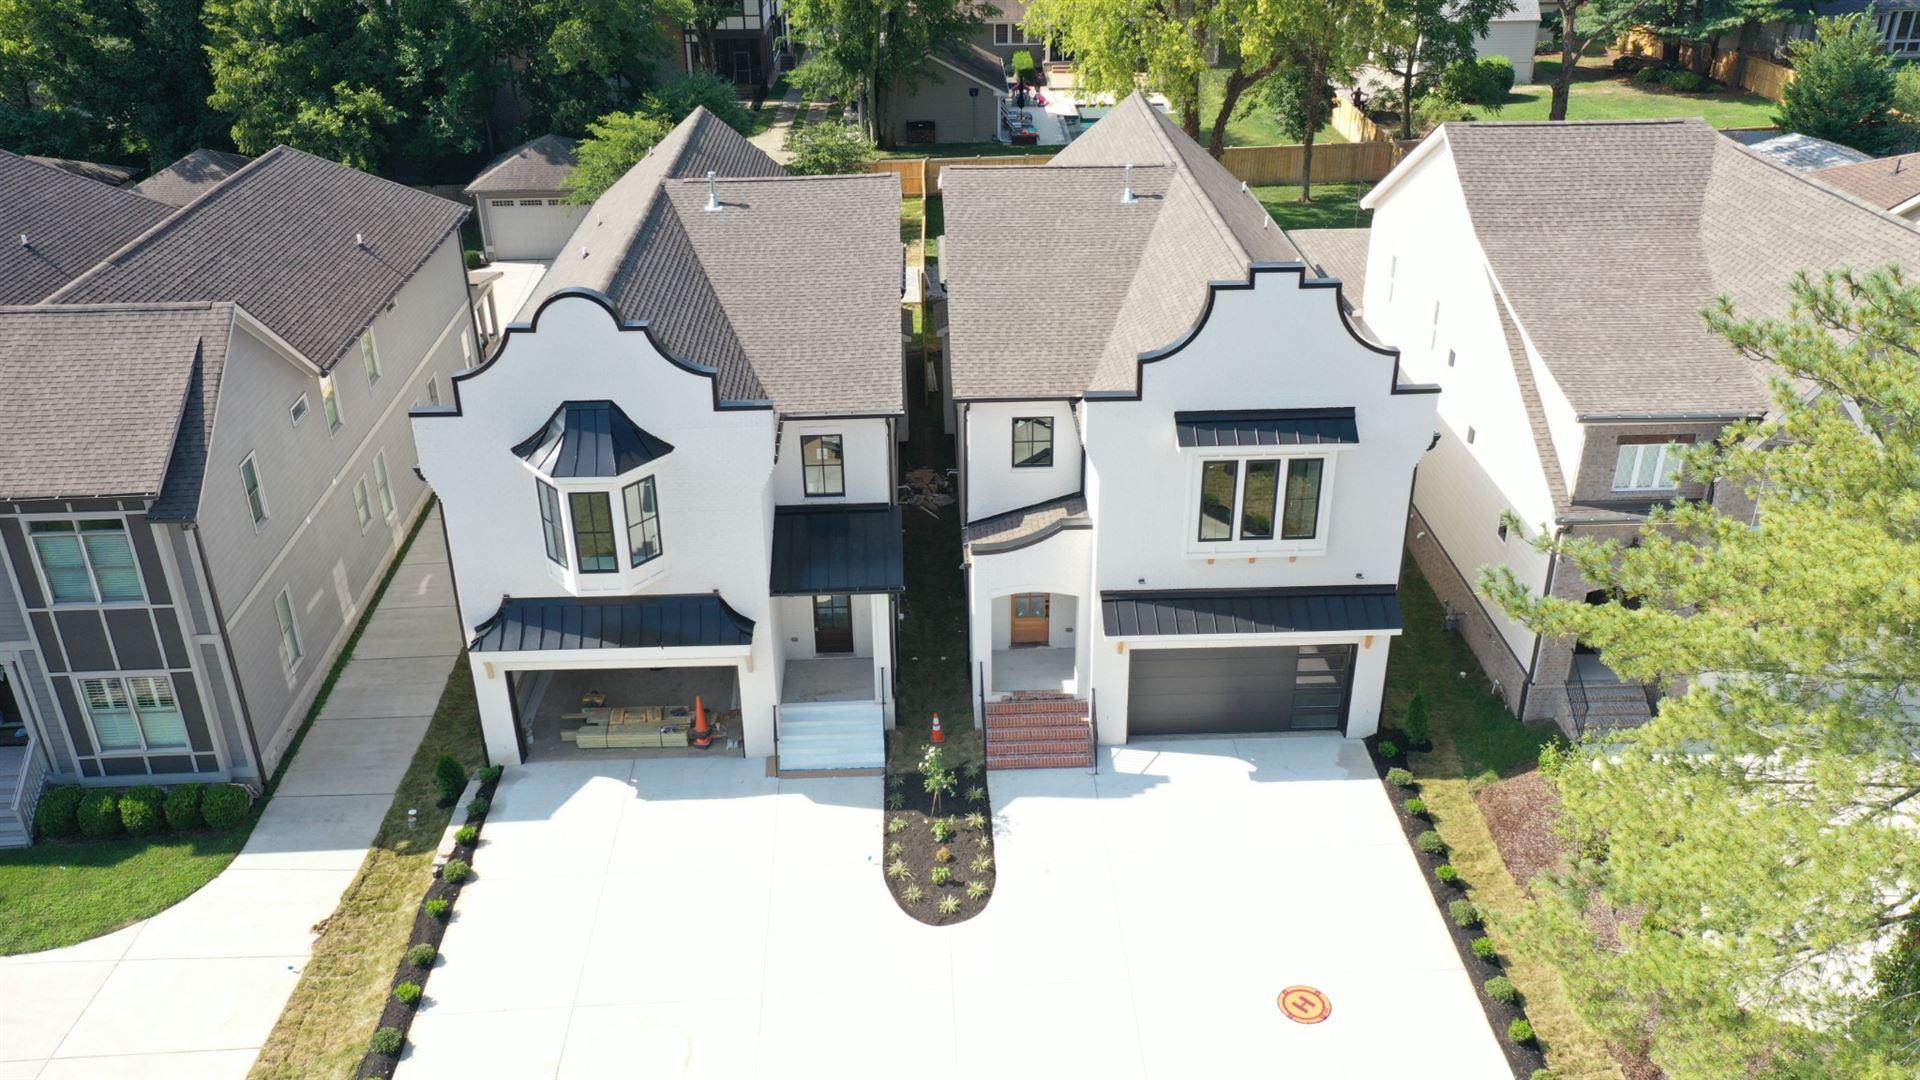 1493A Woodmont Blvd, Nashville, TN 37215 - MLS#: 2179472